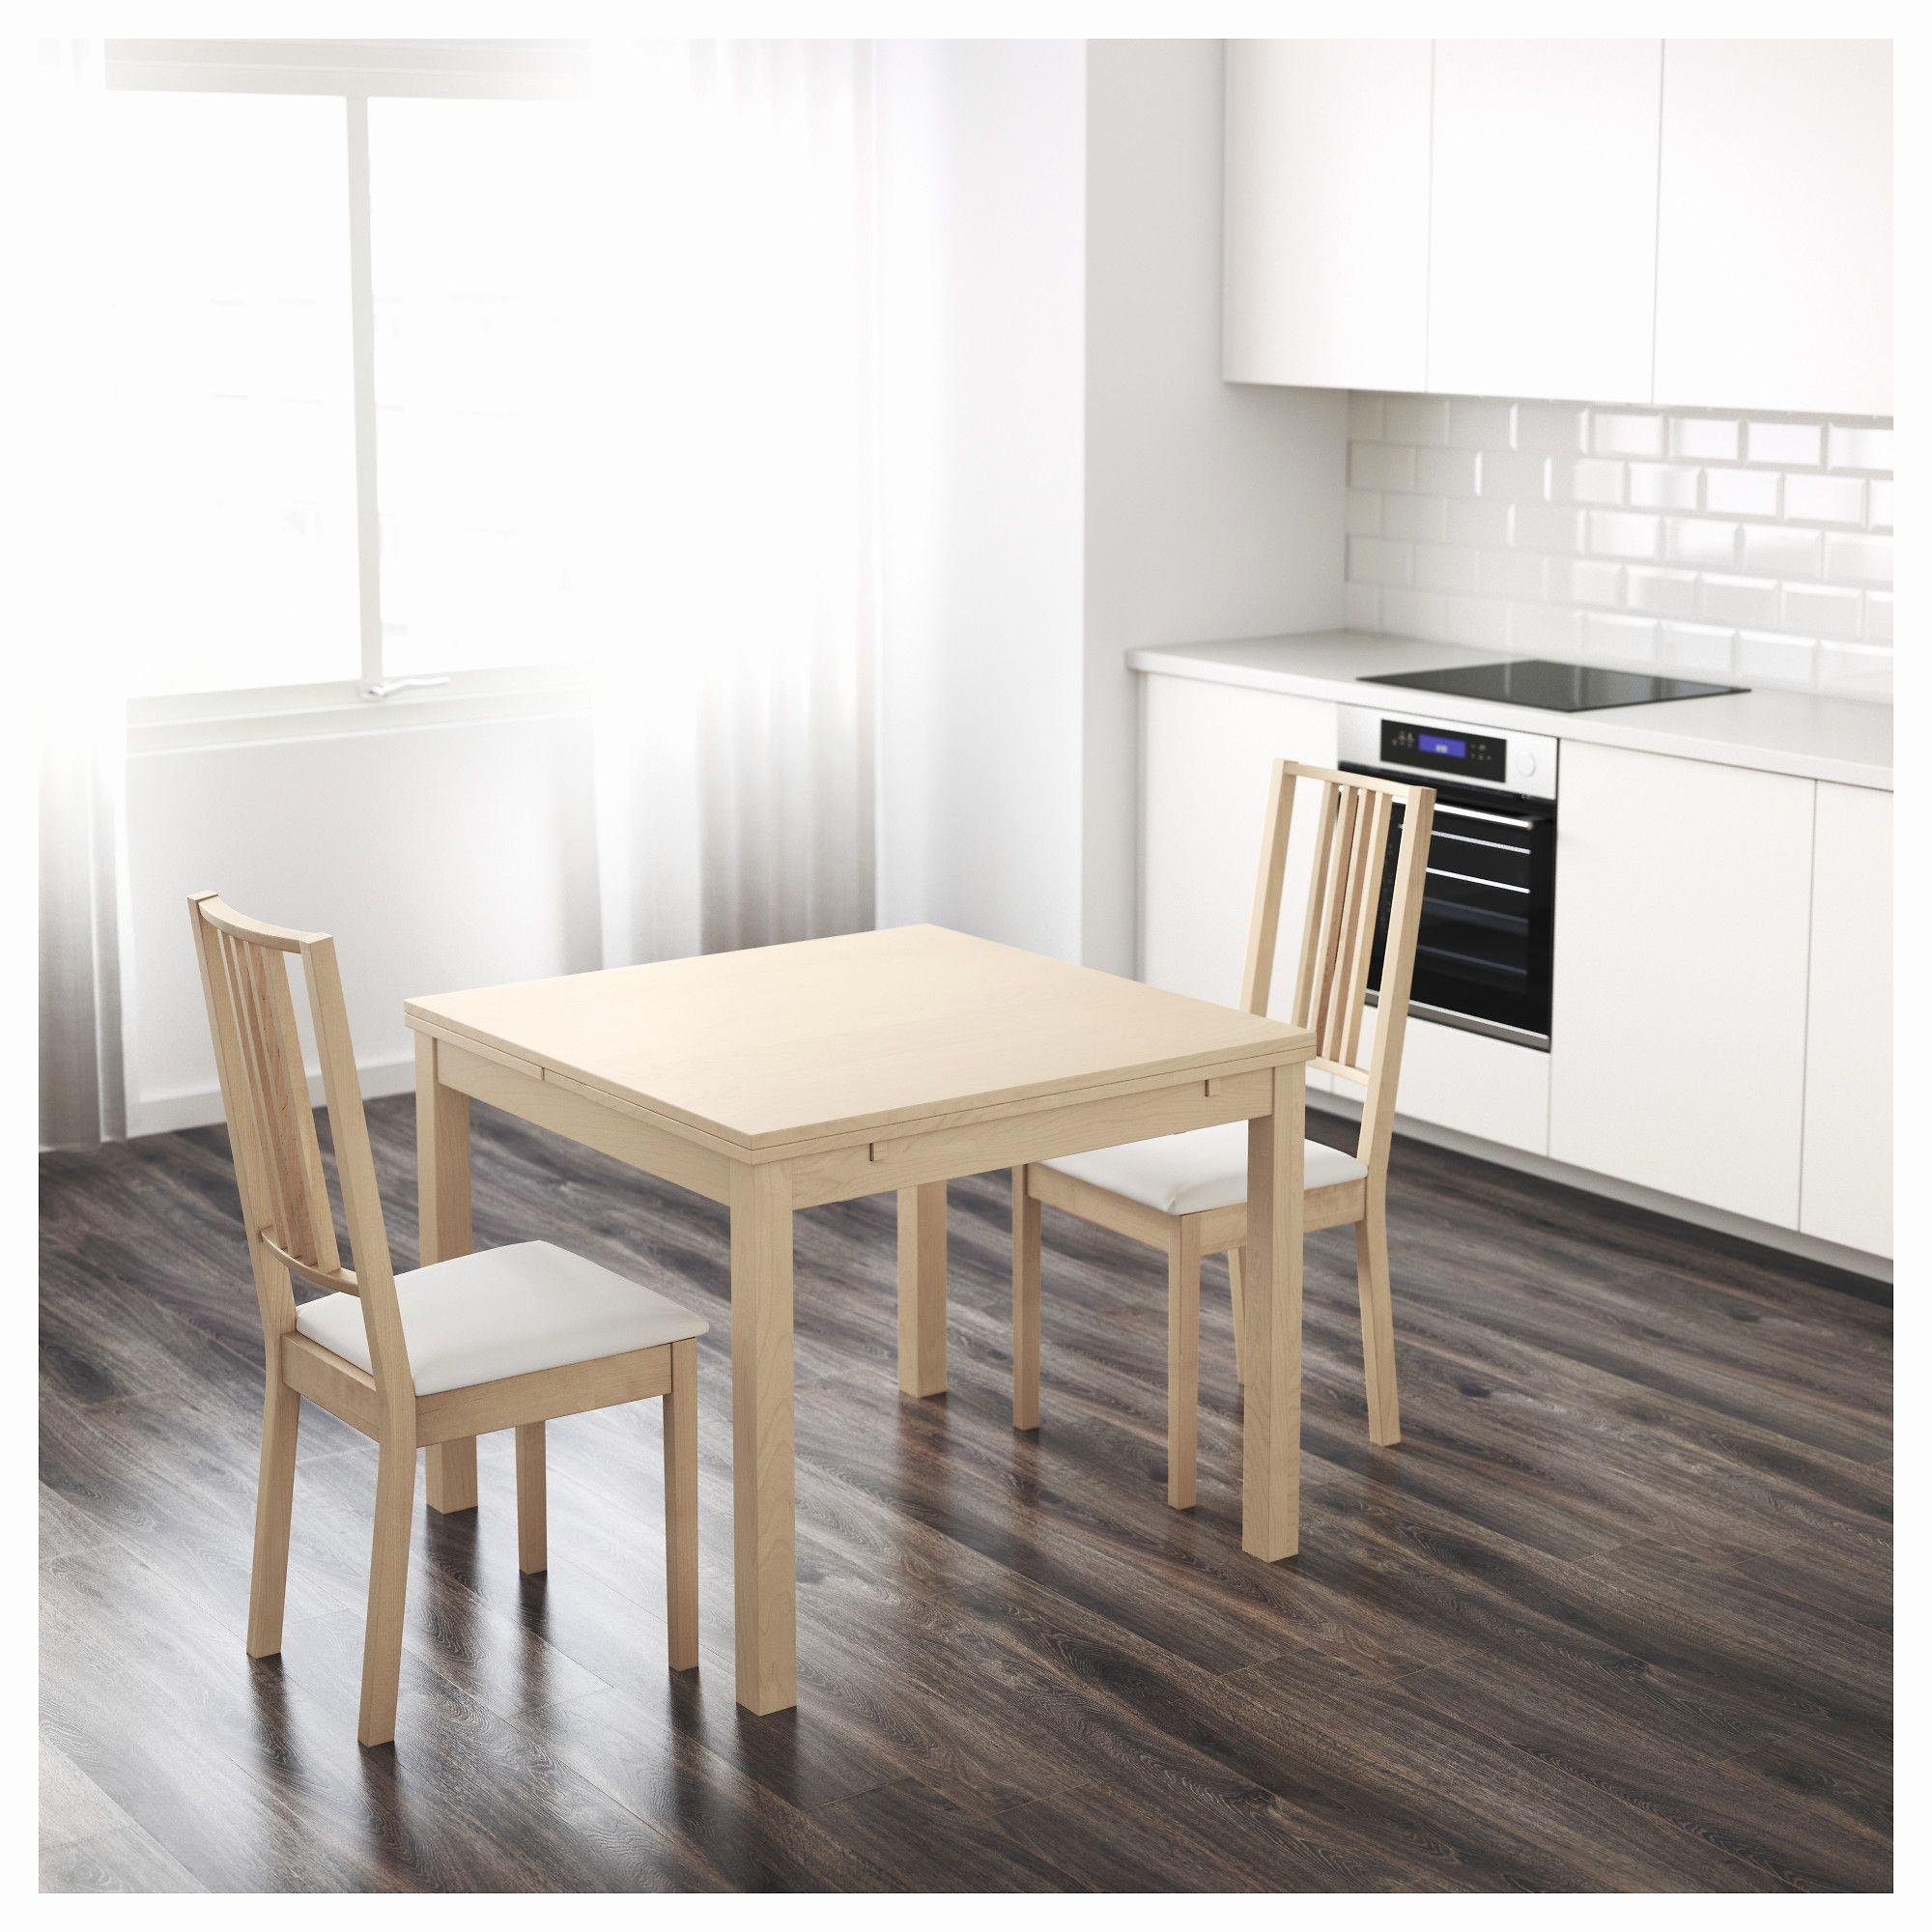 Alinea cuisine equipee latest cuisine quipe ilot central plan de cuisine quipe simple ilot for Alinea cuisine equipee